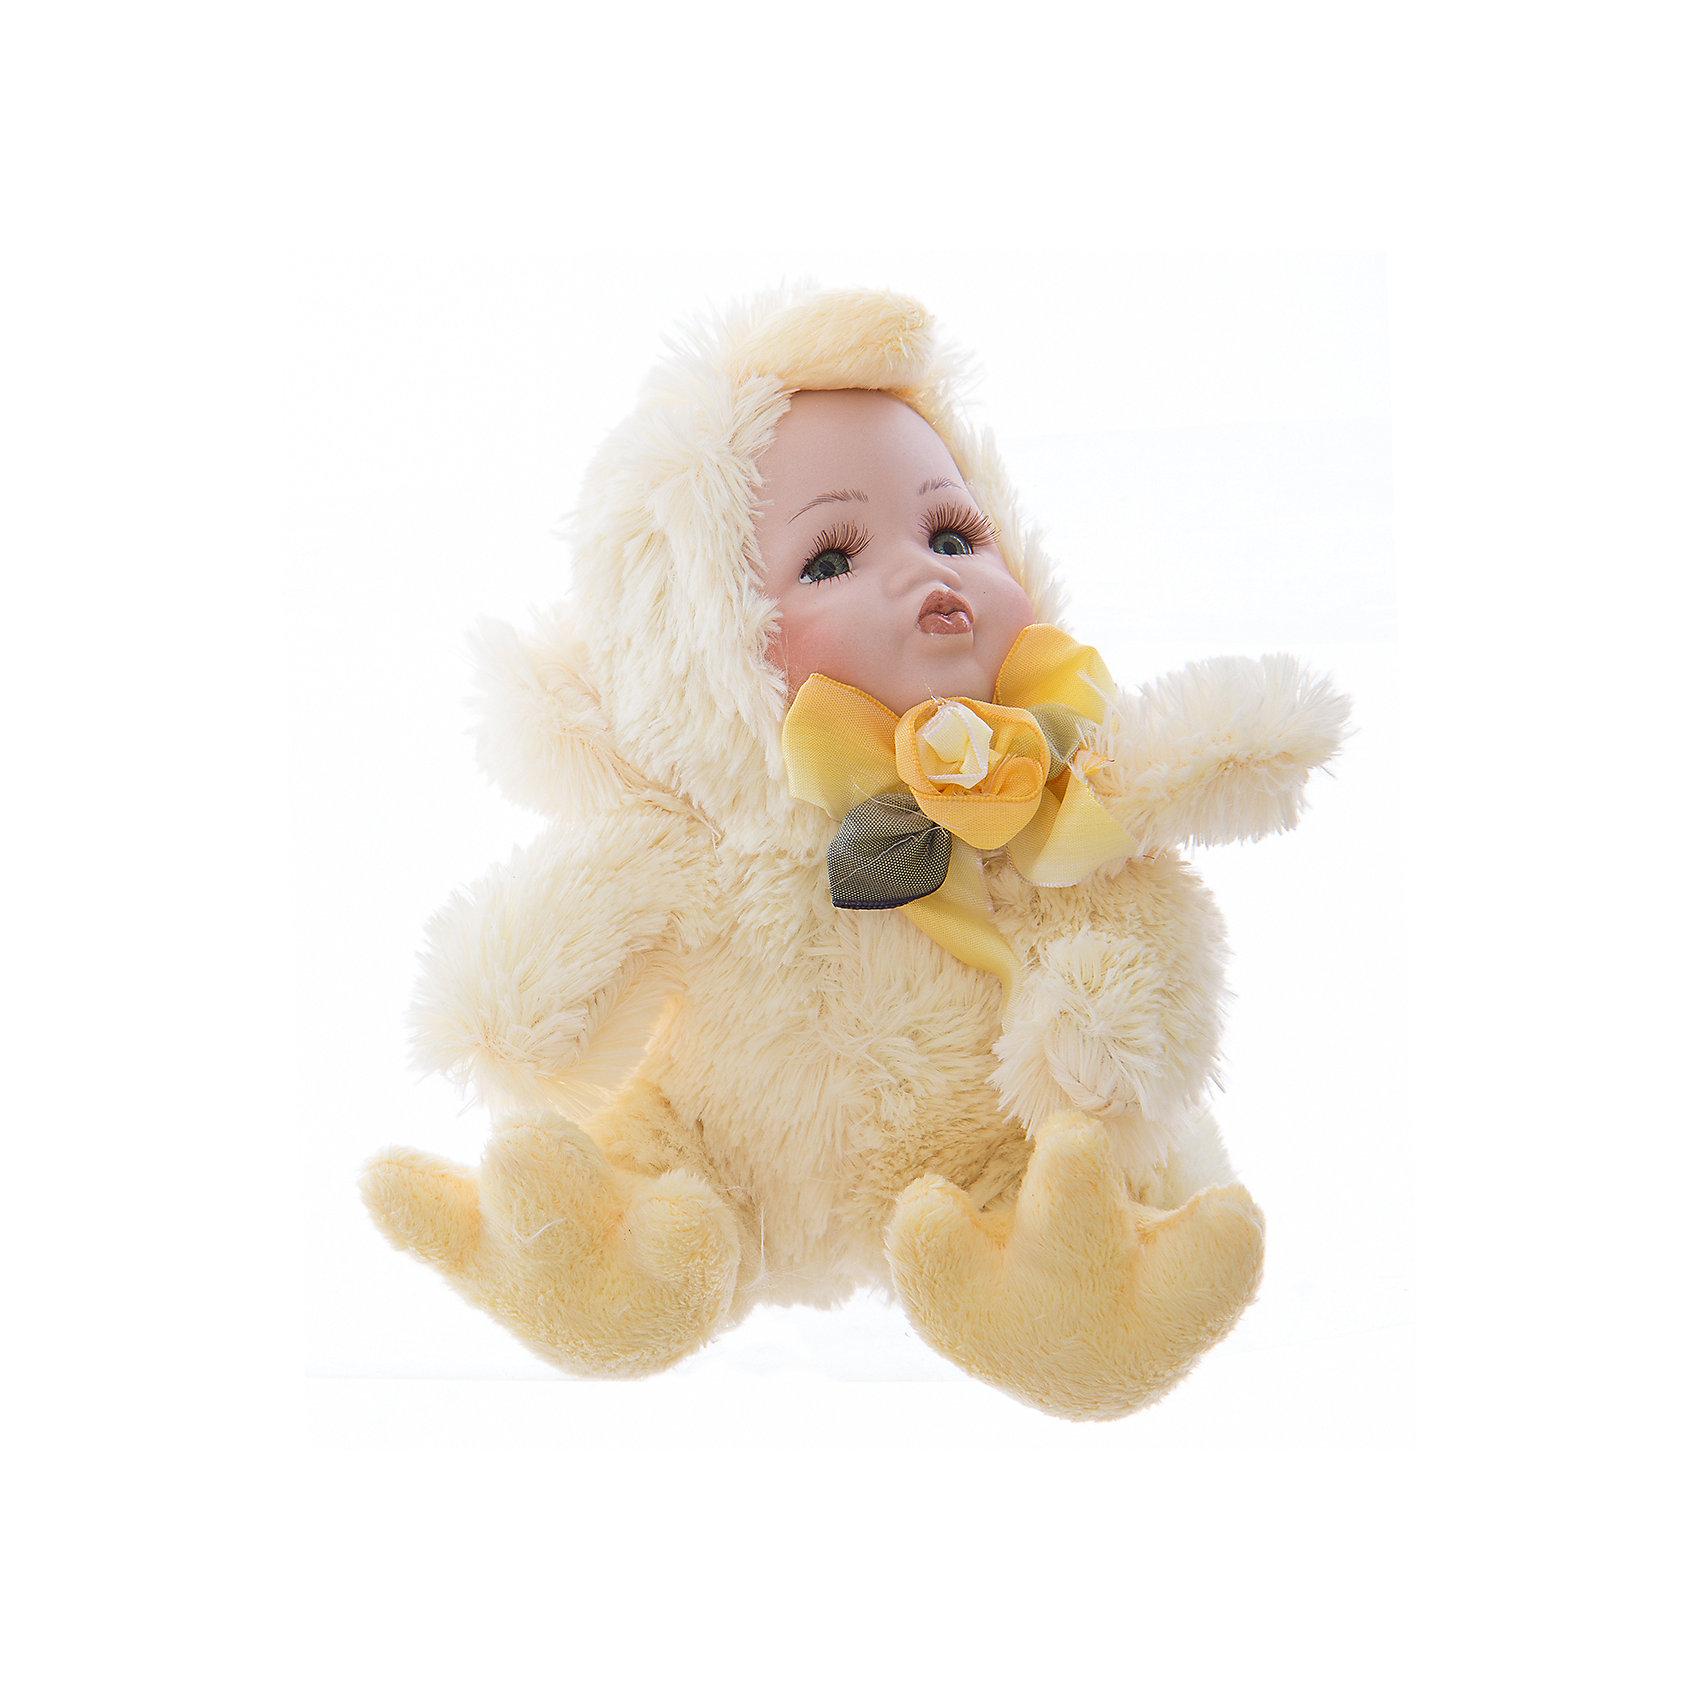 Интерьерная кукла Цыпленок C21-108053, EstroДетские предметы интерьера<br>Характеристики интерьерной куклы:<br><br>- состав: полиэстер, керамика<br>- габариты предмета: 25* 10 *15 см <br>- комплектация: игрушка<br>- тип игрушки: фигурка<br>- вид упаковки: коробка<br>- возрастные ограничения: 3+<br>- бренд: Estro <br>- страна бренда: Италия<br>- страна производитель: Китай<br><br>Интерьерная кукла торговой марки Estro будет лучшим украшением Вашего дома и самый памятным подарком для тех, кого Вы любите. Игрушка изготовлена из качественных материалов приятной расцветки. Ее внешний вид продуман до мелочей. <br><br>Интерьерную куклу цыпленок итальянской торговой марки Estro можно купить в нашем интернет-магазине.<br><br>Ширина мм: 100<br>Глубина мм: 150<br>Высота мм: 250<br>Вес г: 132<br>Возраст от месяцев: 36<br>Возраст до месяцев: 1188<br>Пол: Унисекс<br>Возраст: Детский<br>SKU: 5356640